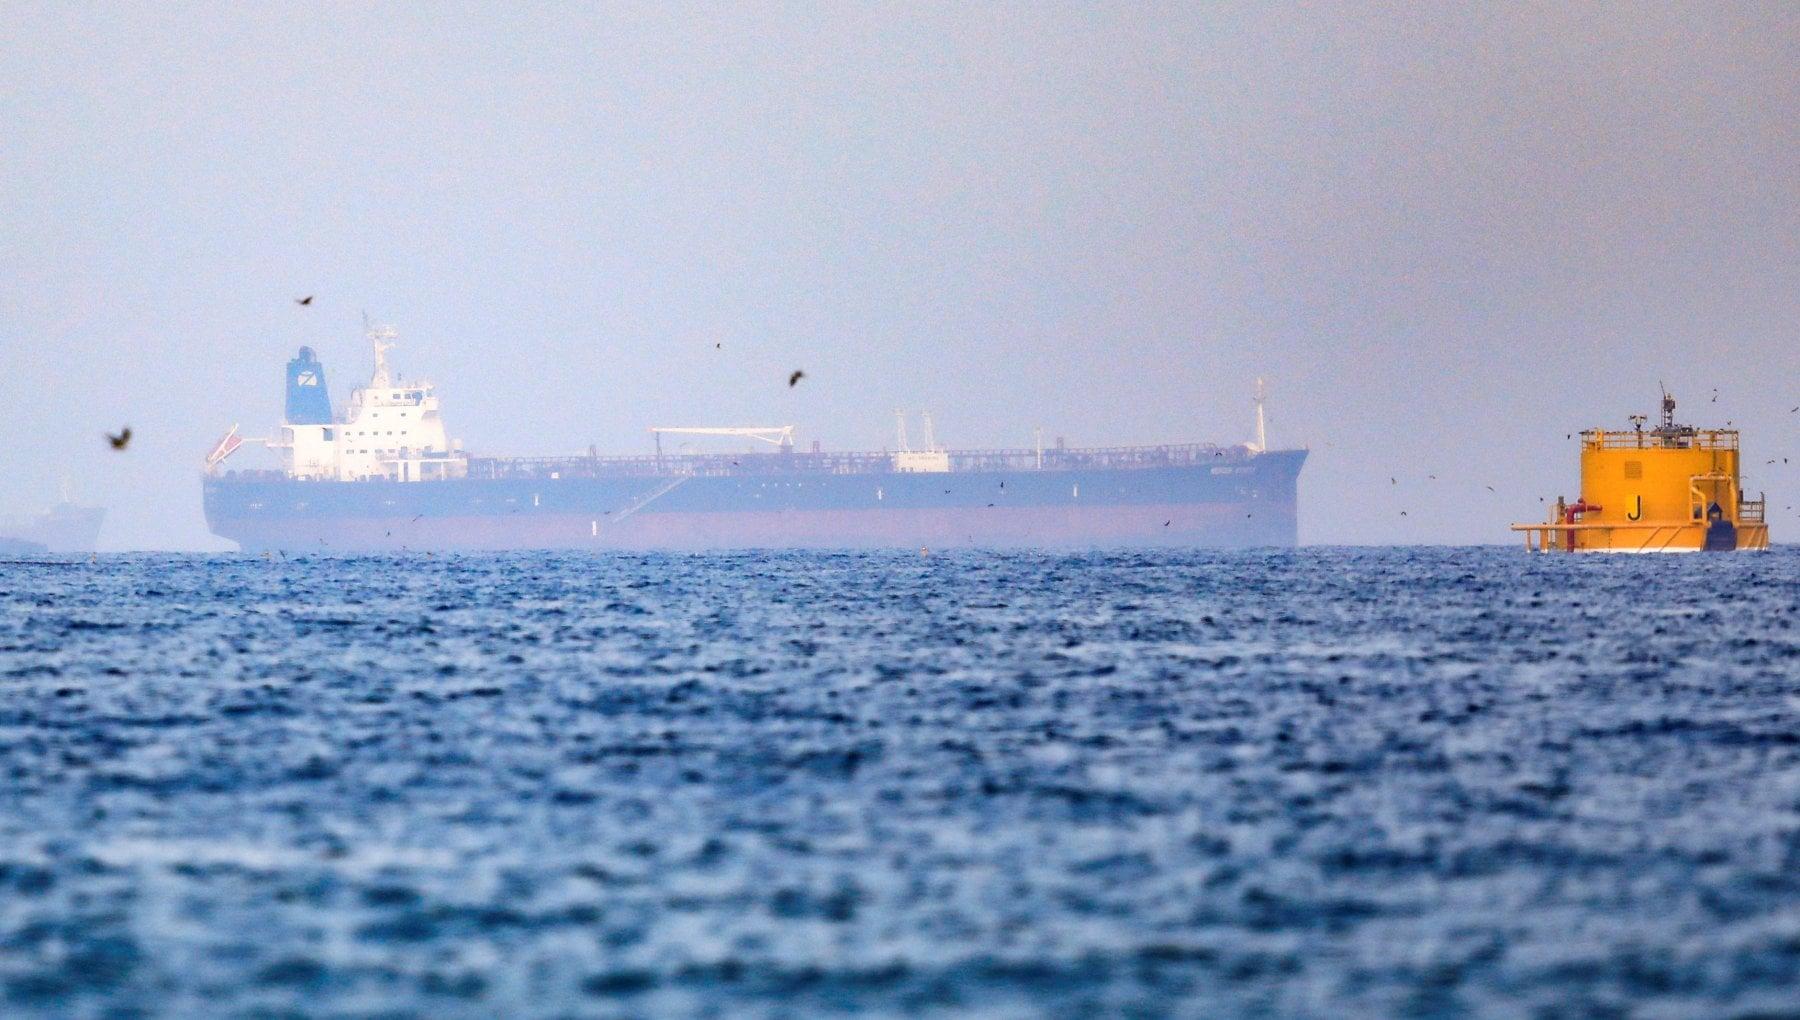 200344915 4d2a9a6d 40f0 4f01 ae73 8fac713b18fe - Golfo dell'Oman, petroliera dirottata. Sospetti sull'Iran